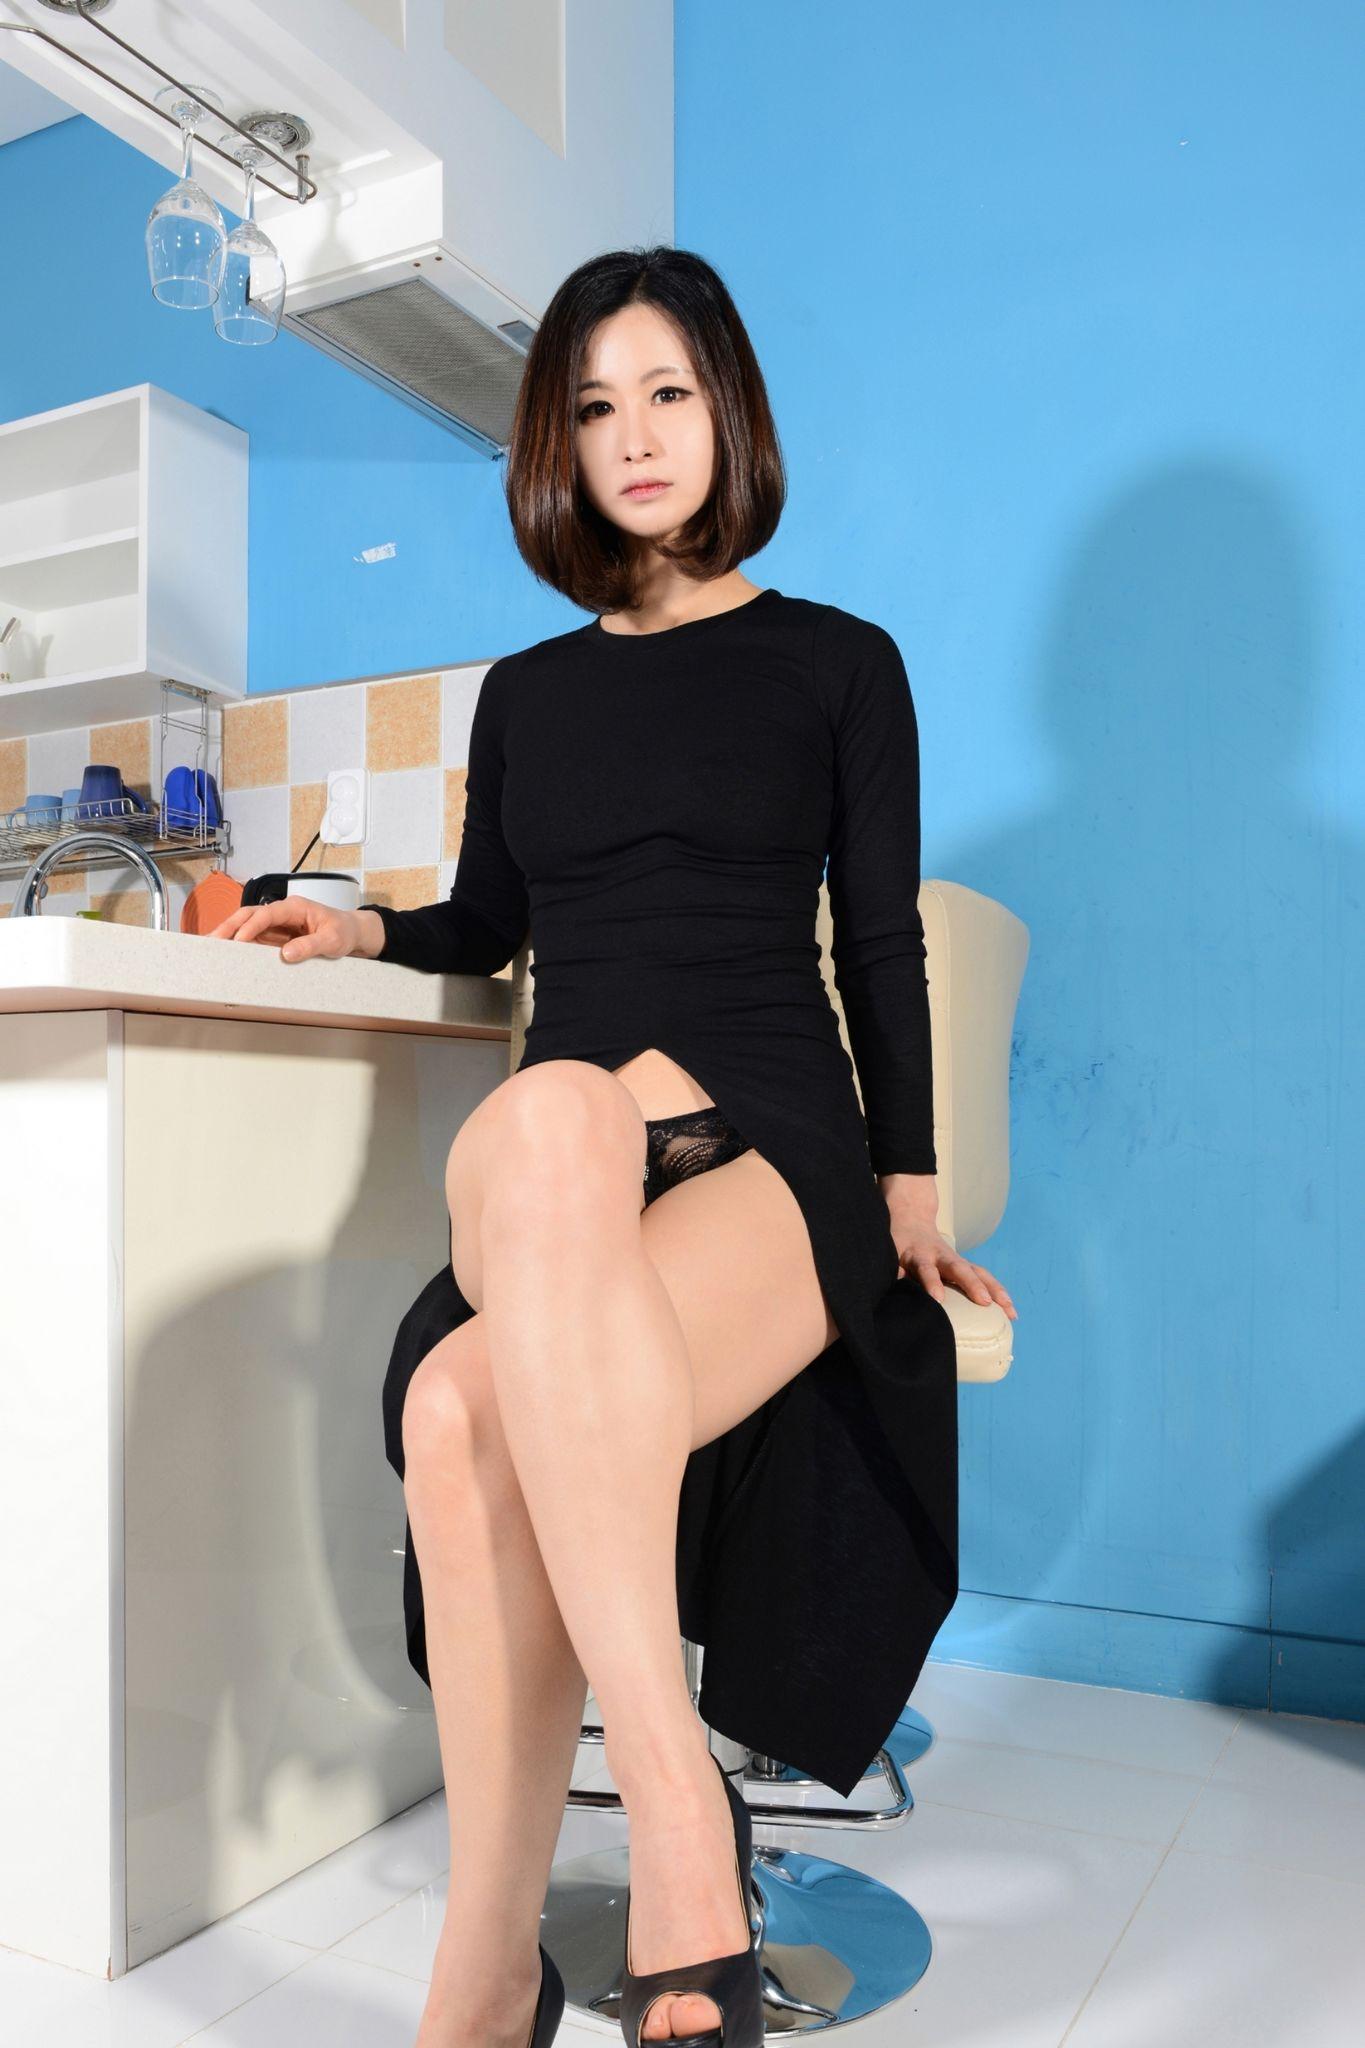 【模特養成】韓模 -NAYEONG 美模居家私拍無聖光福利圖 03 - 貼圖 - 絲襪美腿 -